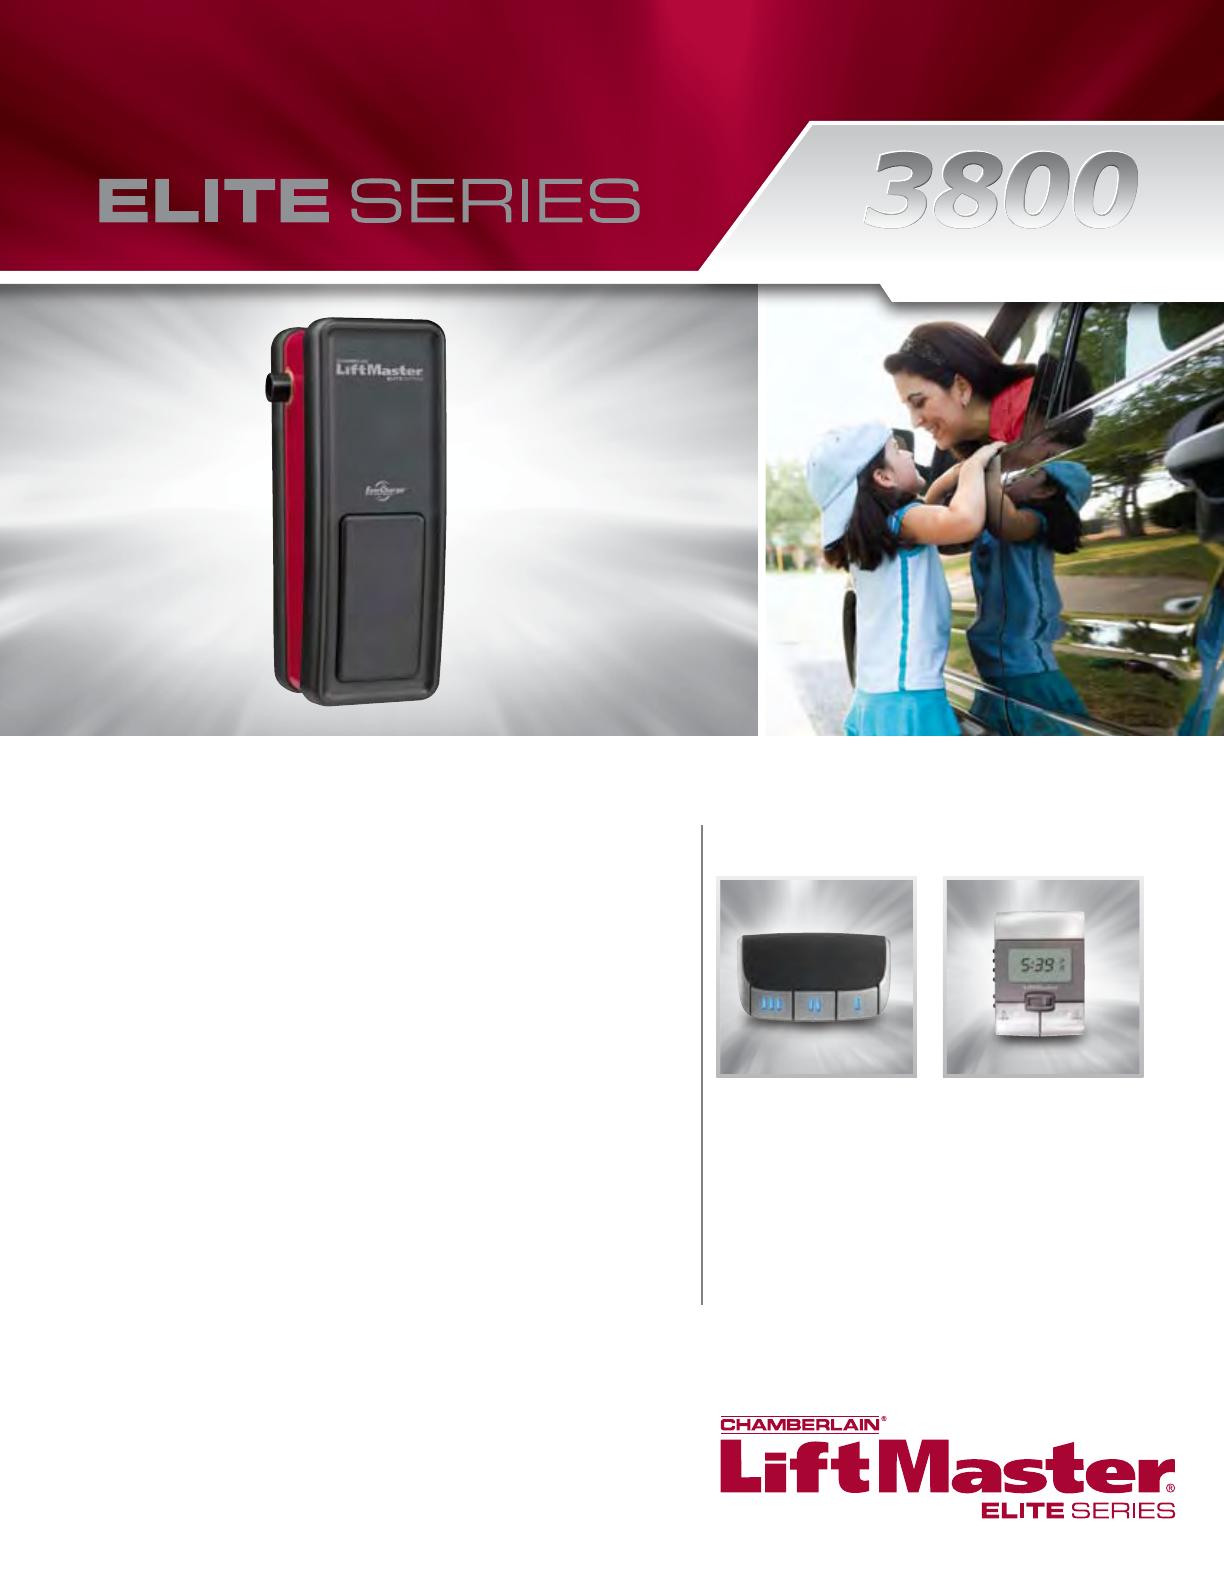 liftmaster garage door opener 3800 user guide manualsonline com rh homeappliance manualsonline com Elite Gate Openers Elite Gate Openers